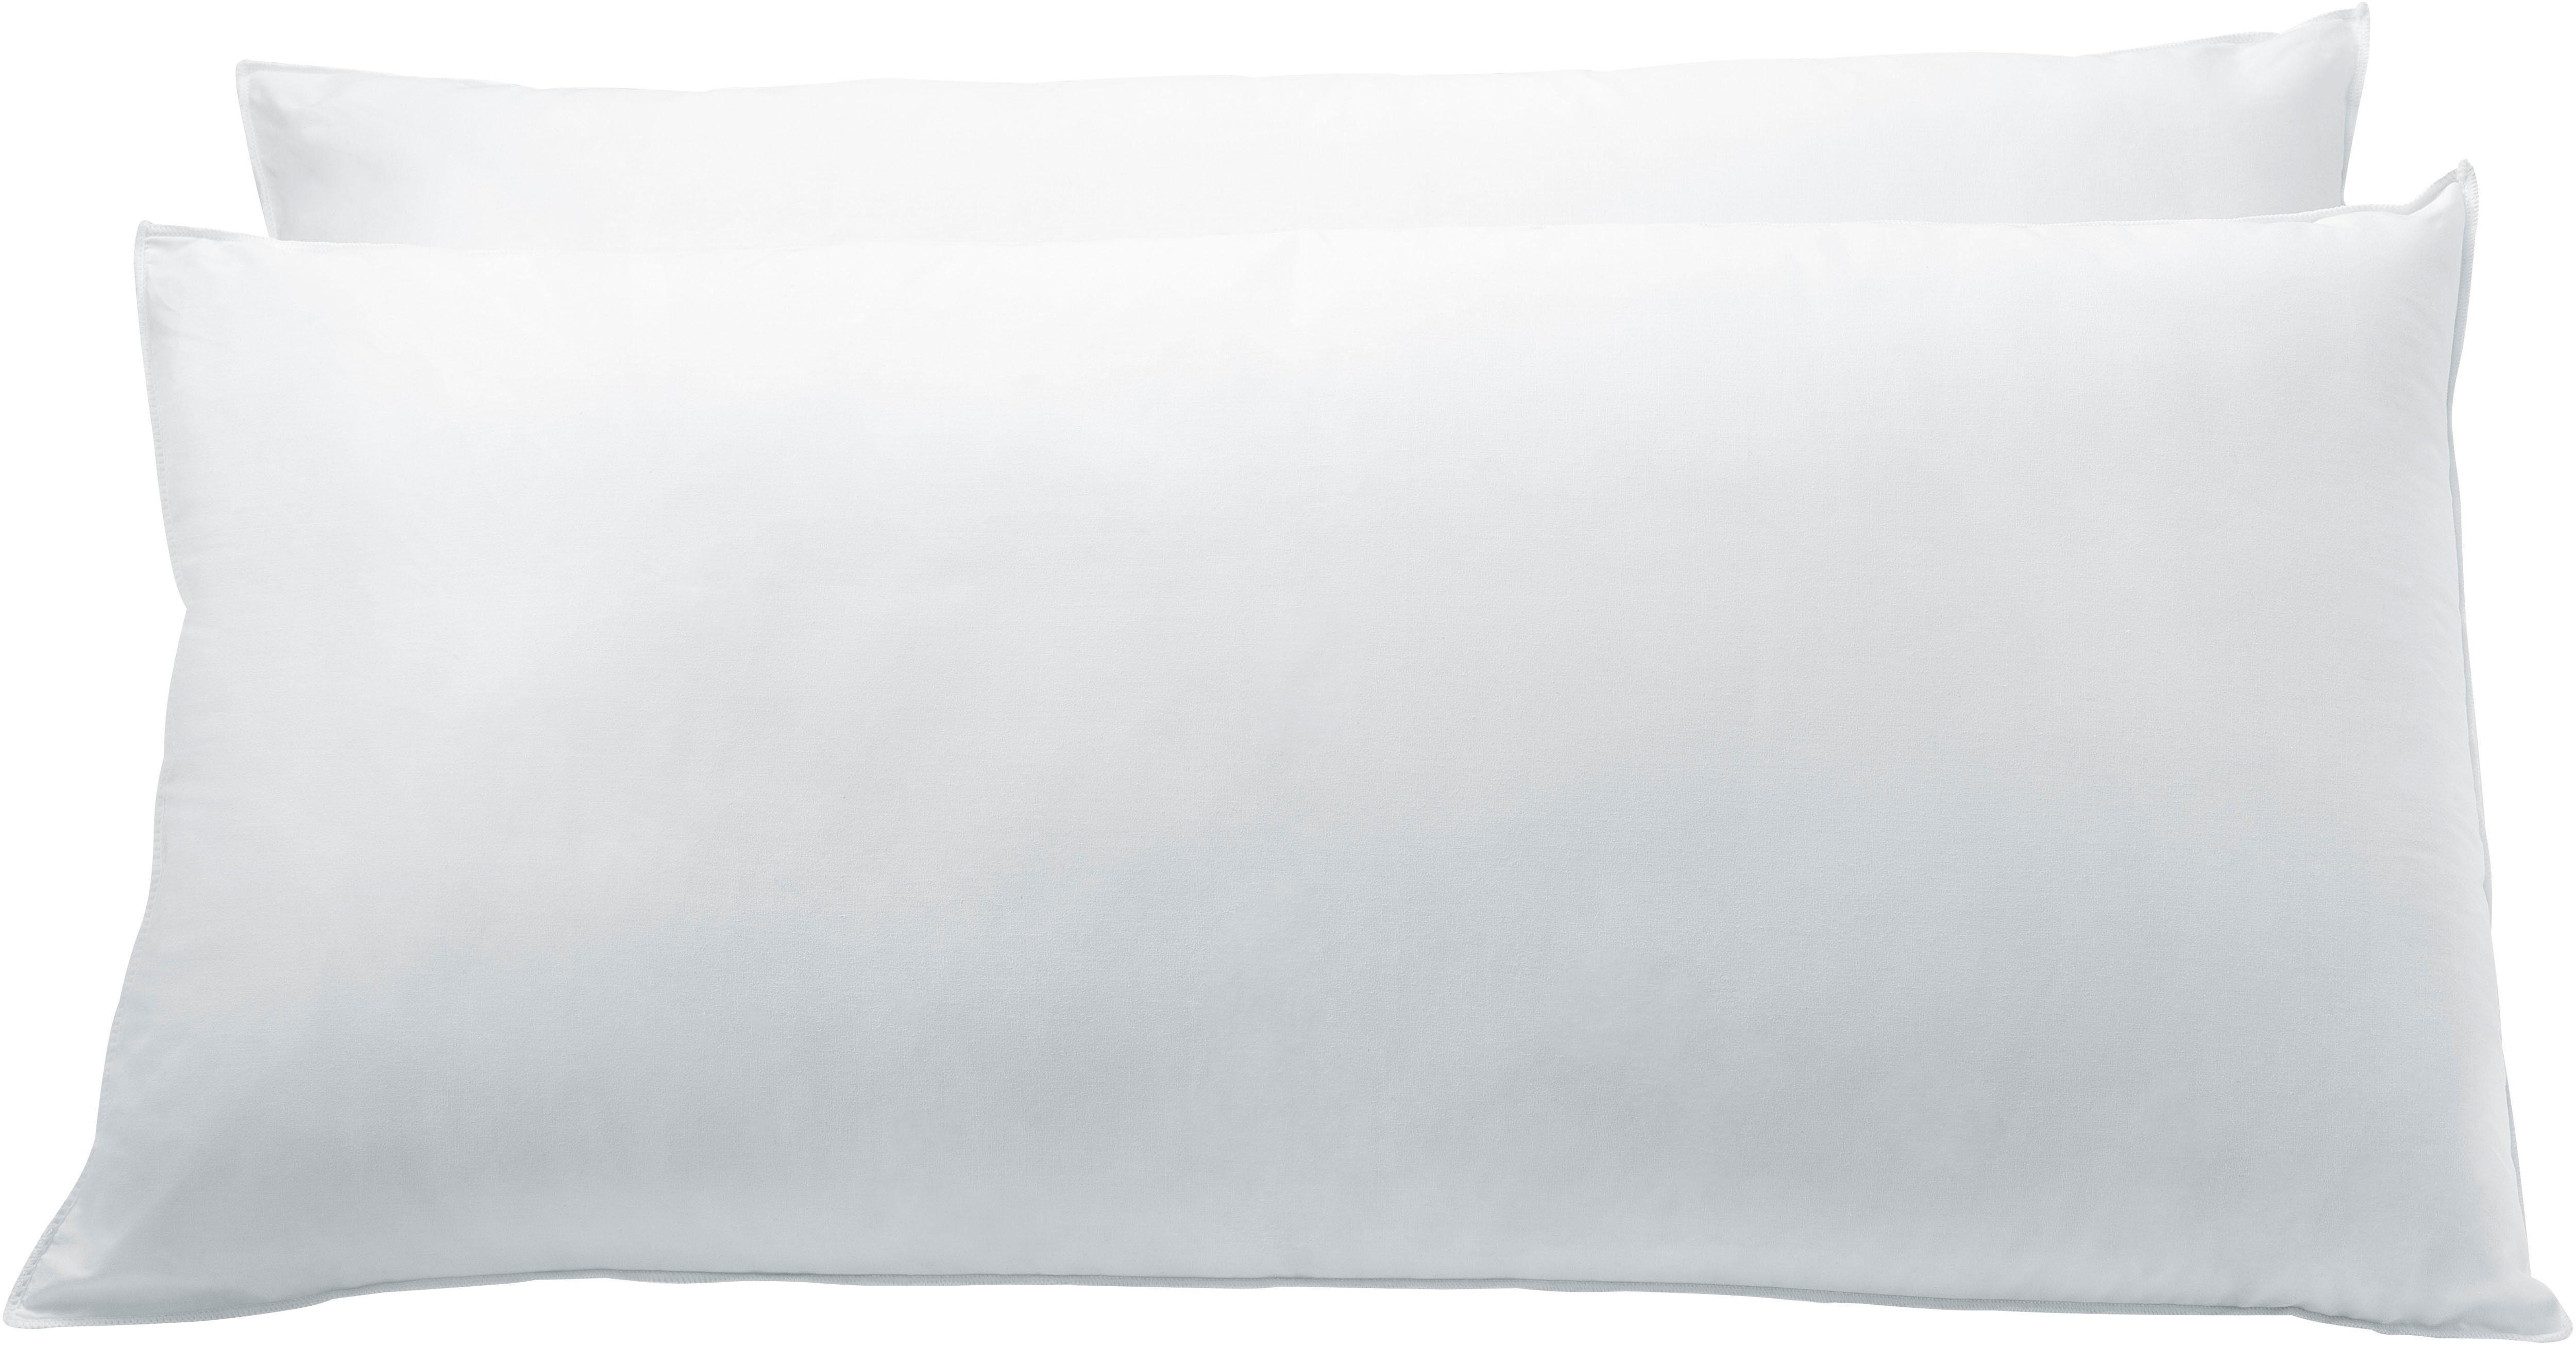 Wasserkissen, »Mediflow Original Wasserkissen 5201 Doppel-Pack 40x80cm«, Mediflow, Bezug: 100% Baumwolle, (2-tlg)